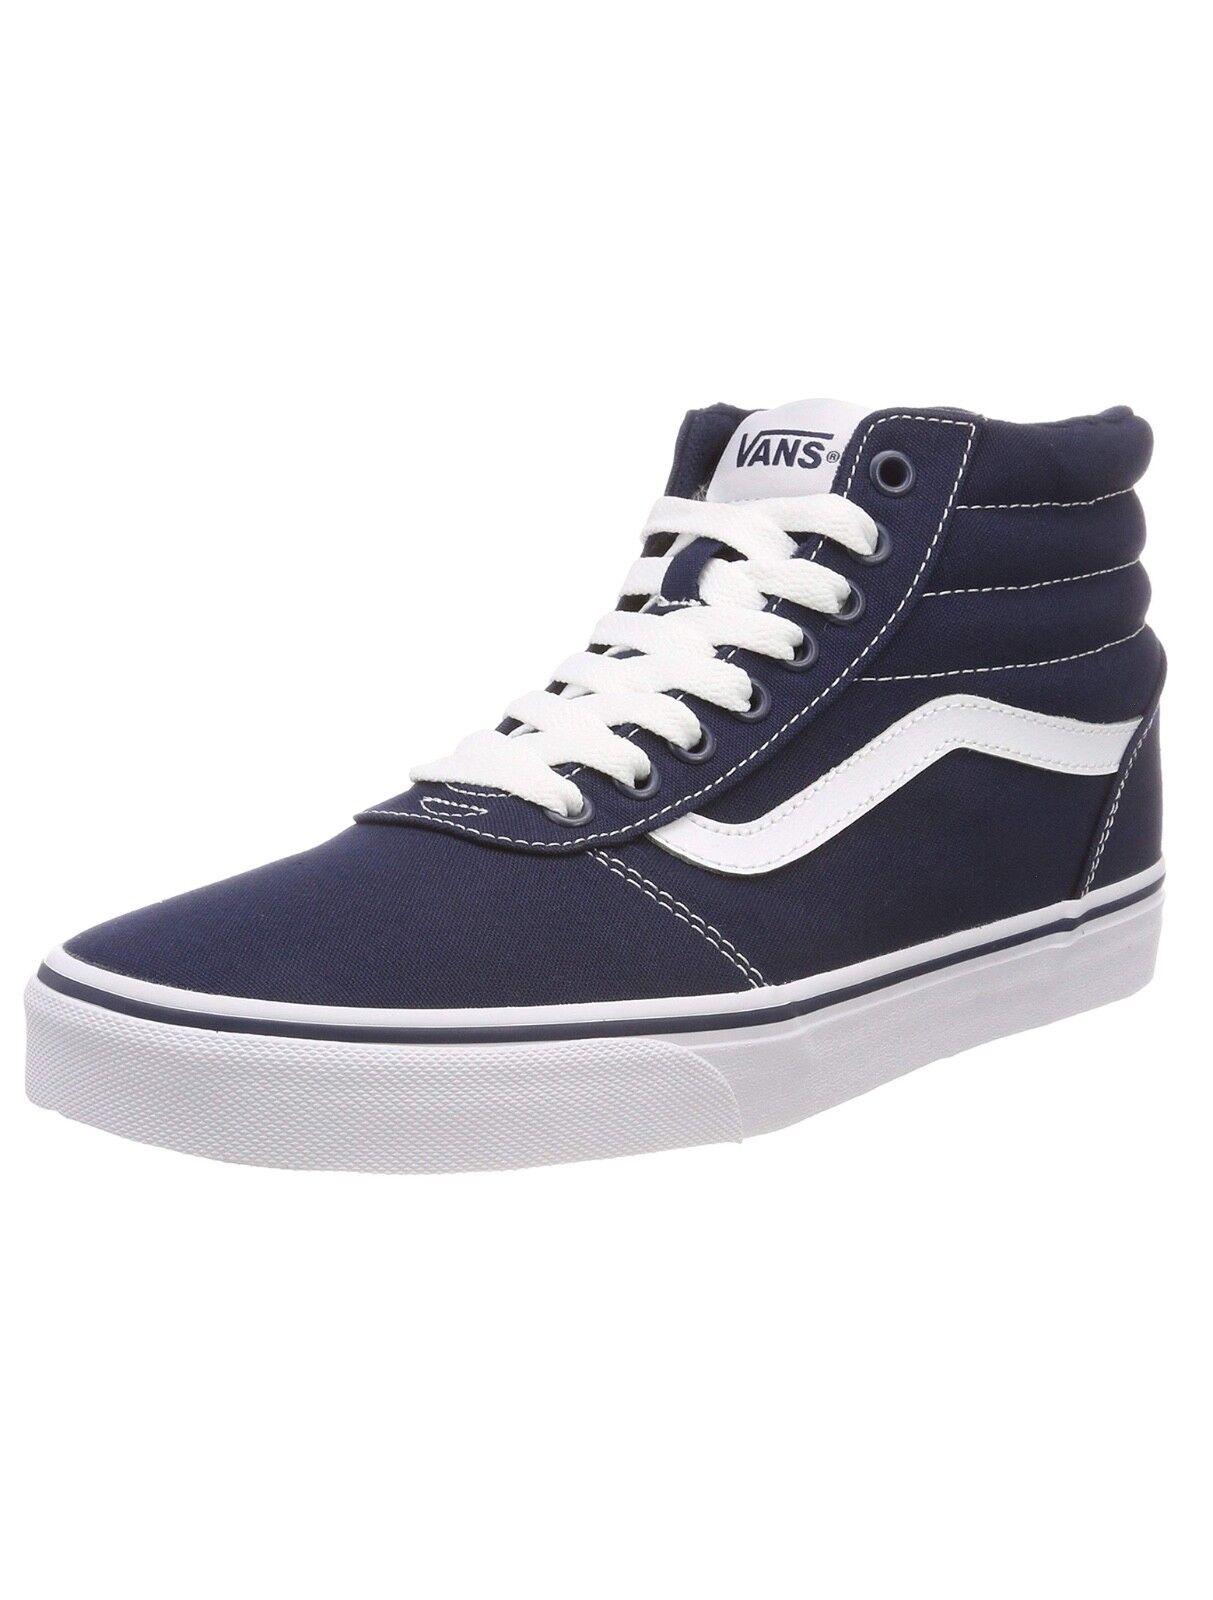 VANS Ward Hi Top Stripe Canvas Fashion Skater Schuhes Casual Trainers Blau Weiß